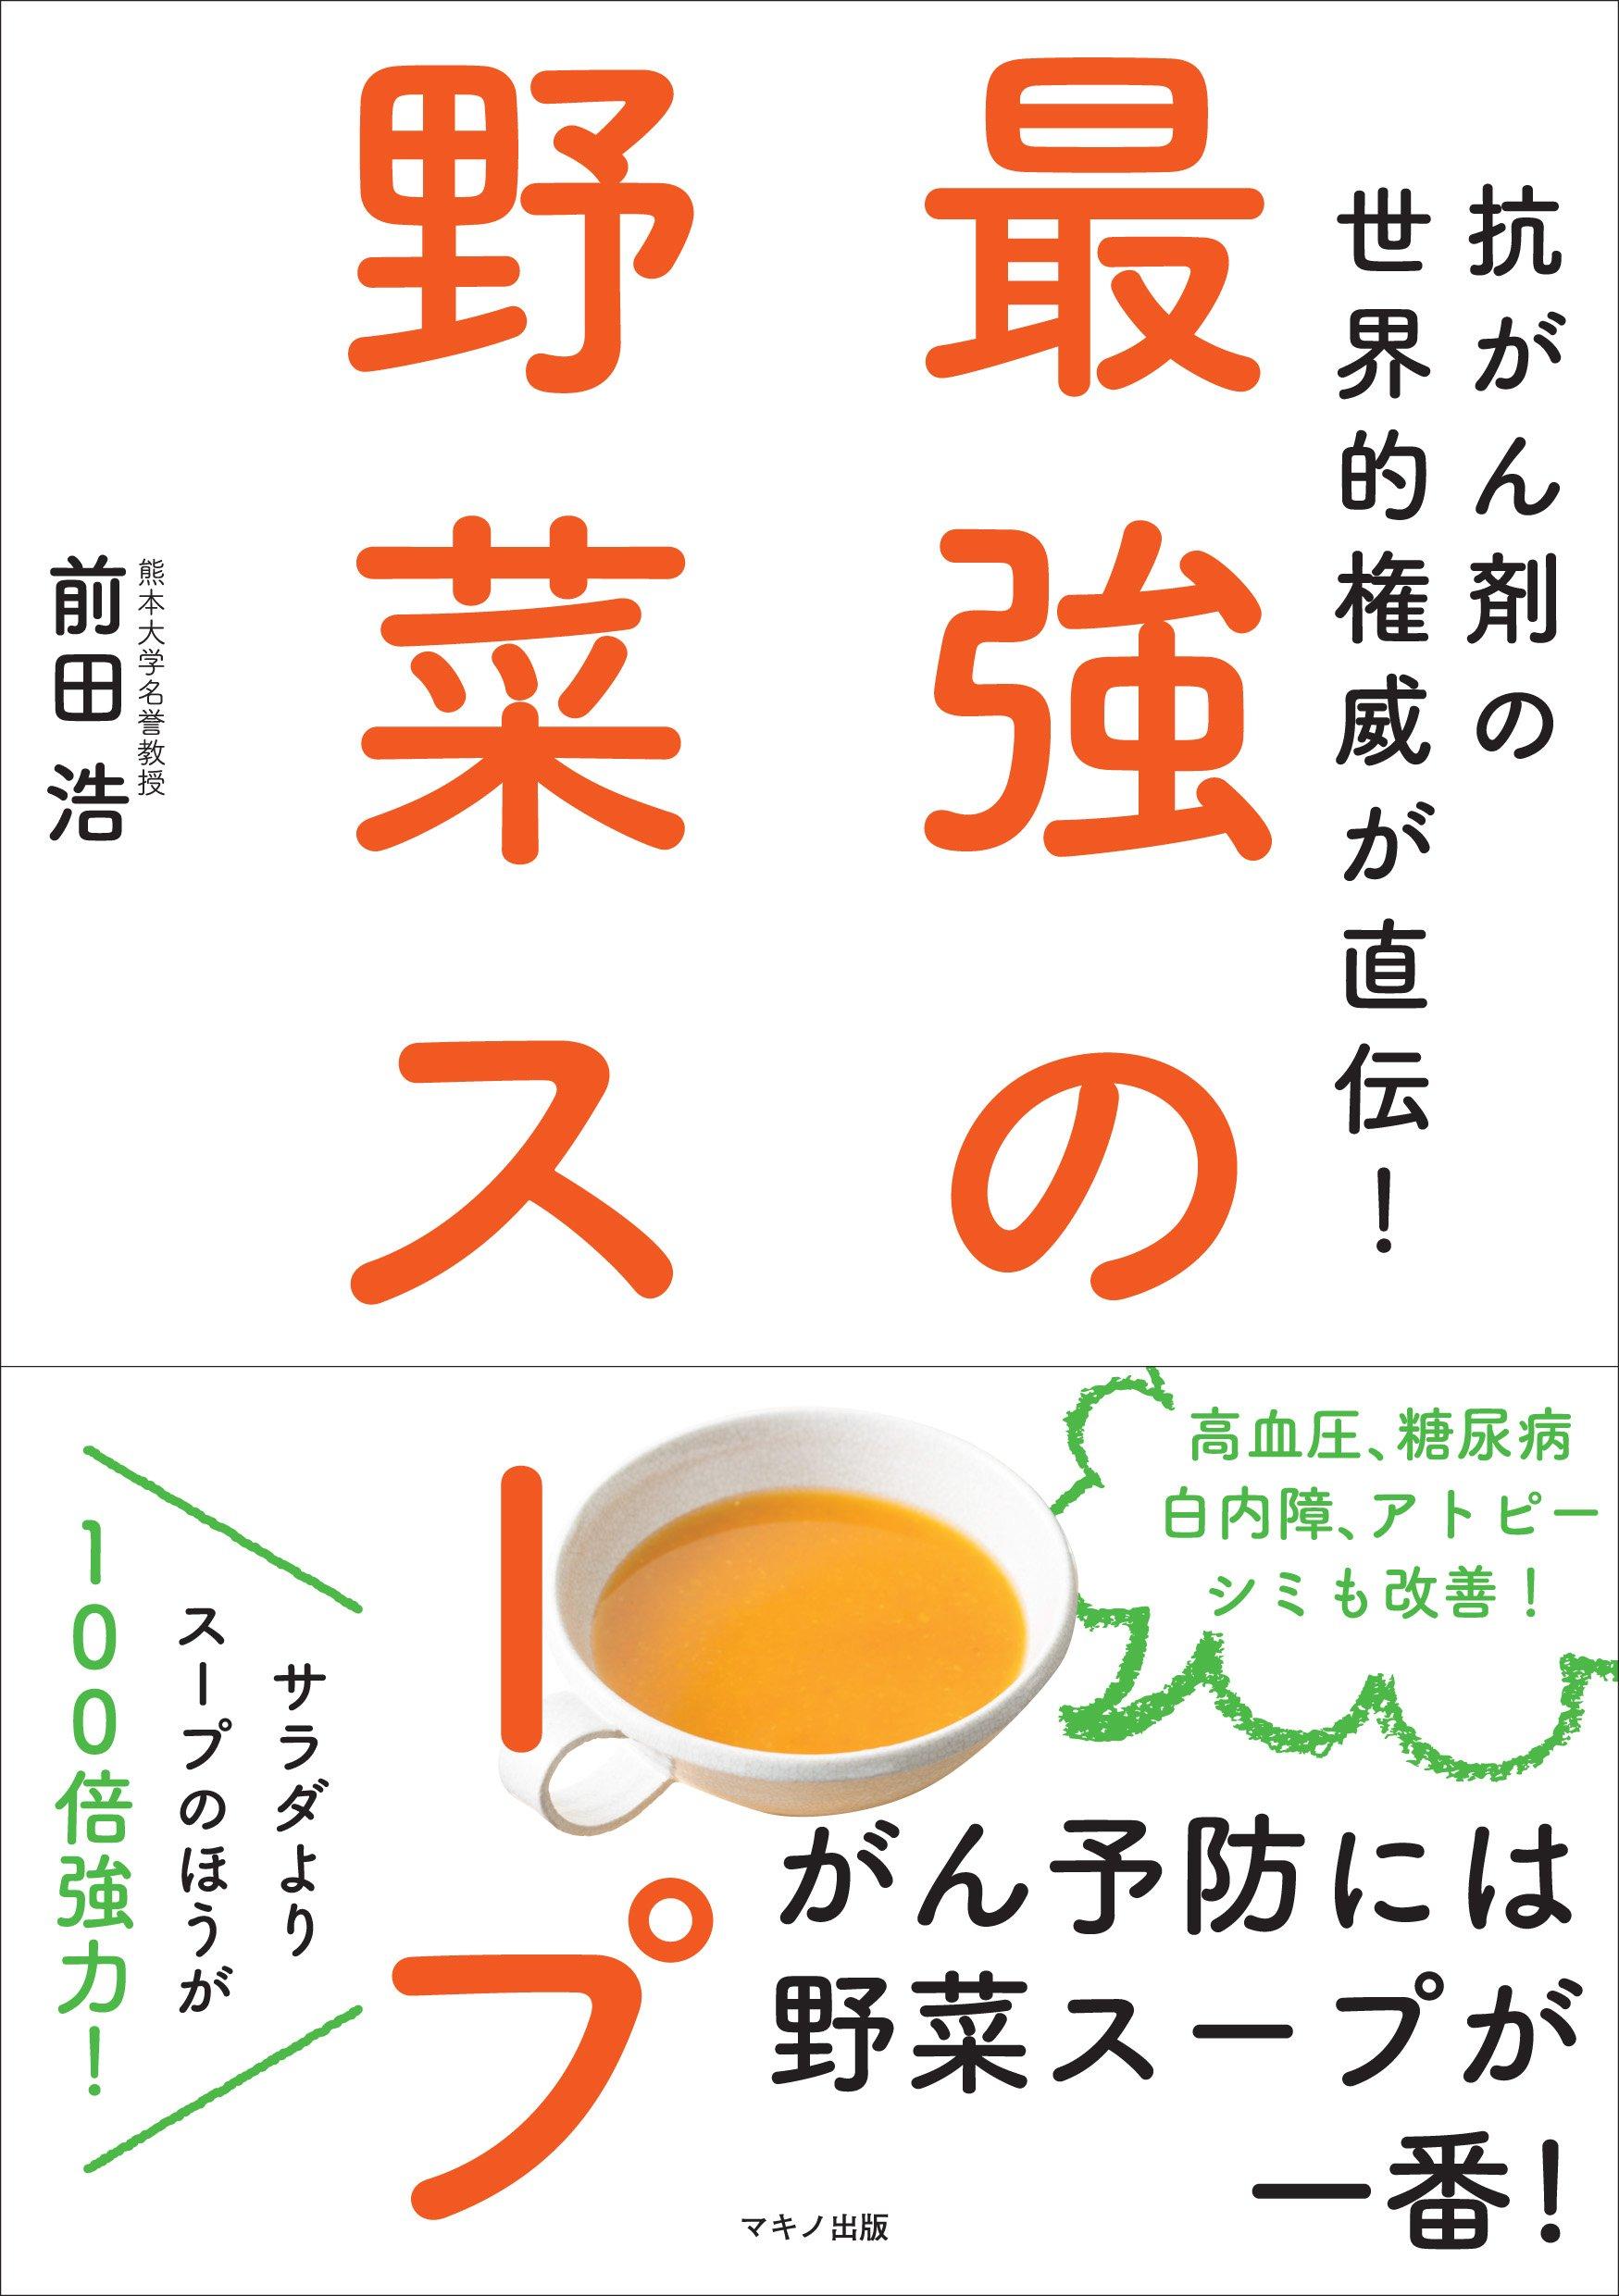 最強の野菜スープ(抗ガン剤の世界的権威が直伝!)